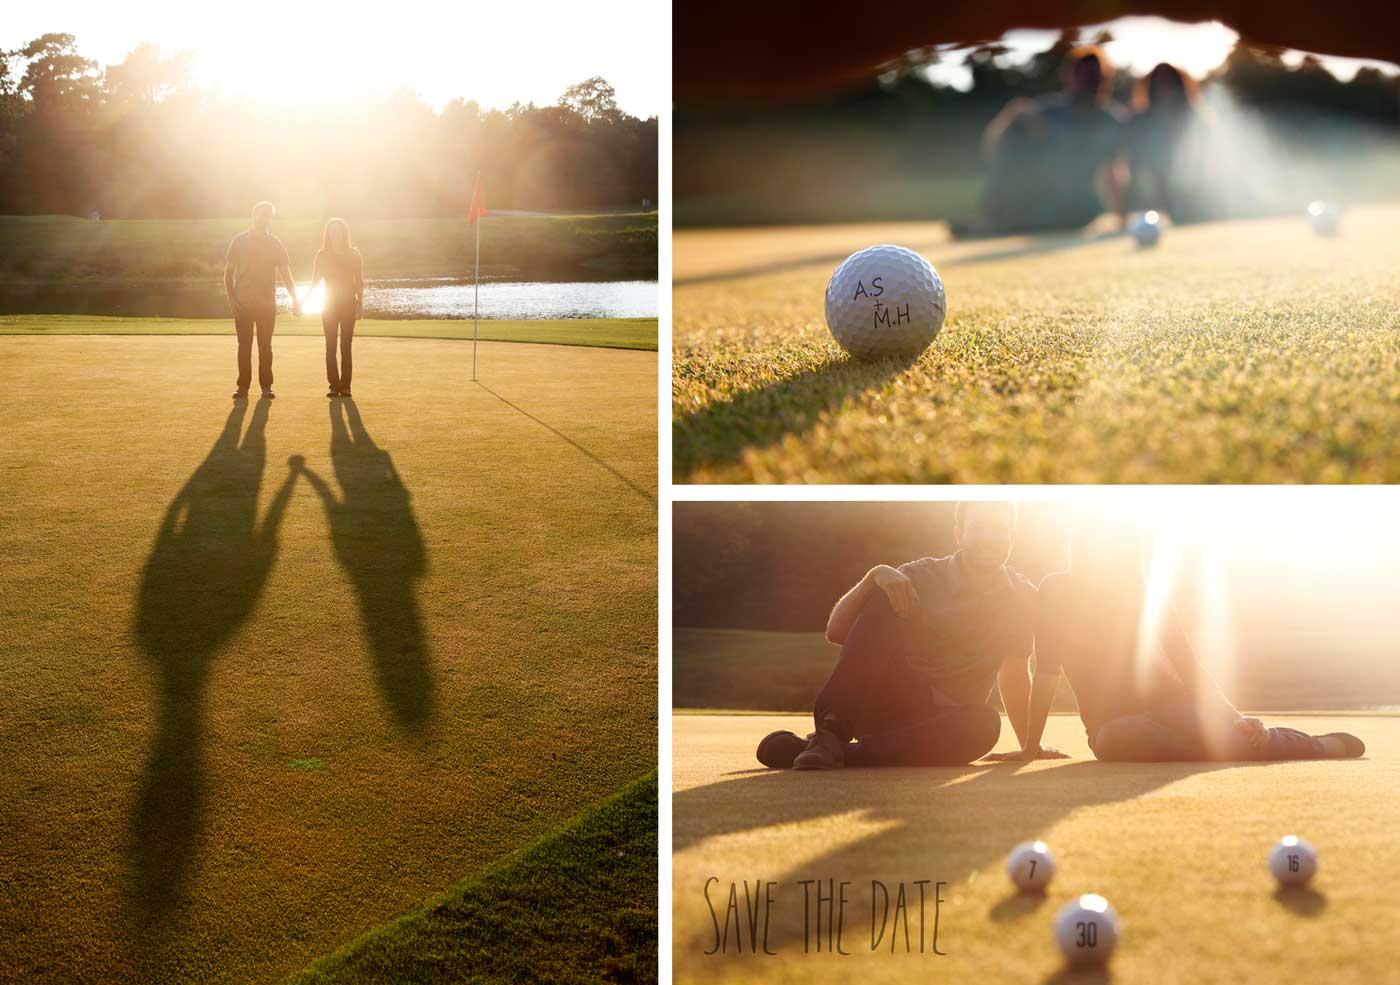 golfcourseengagement.jpg